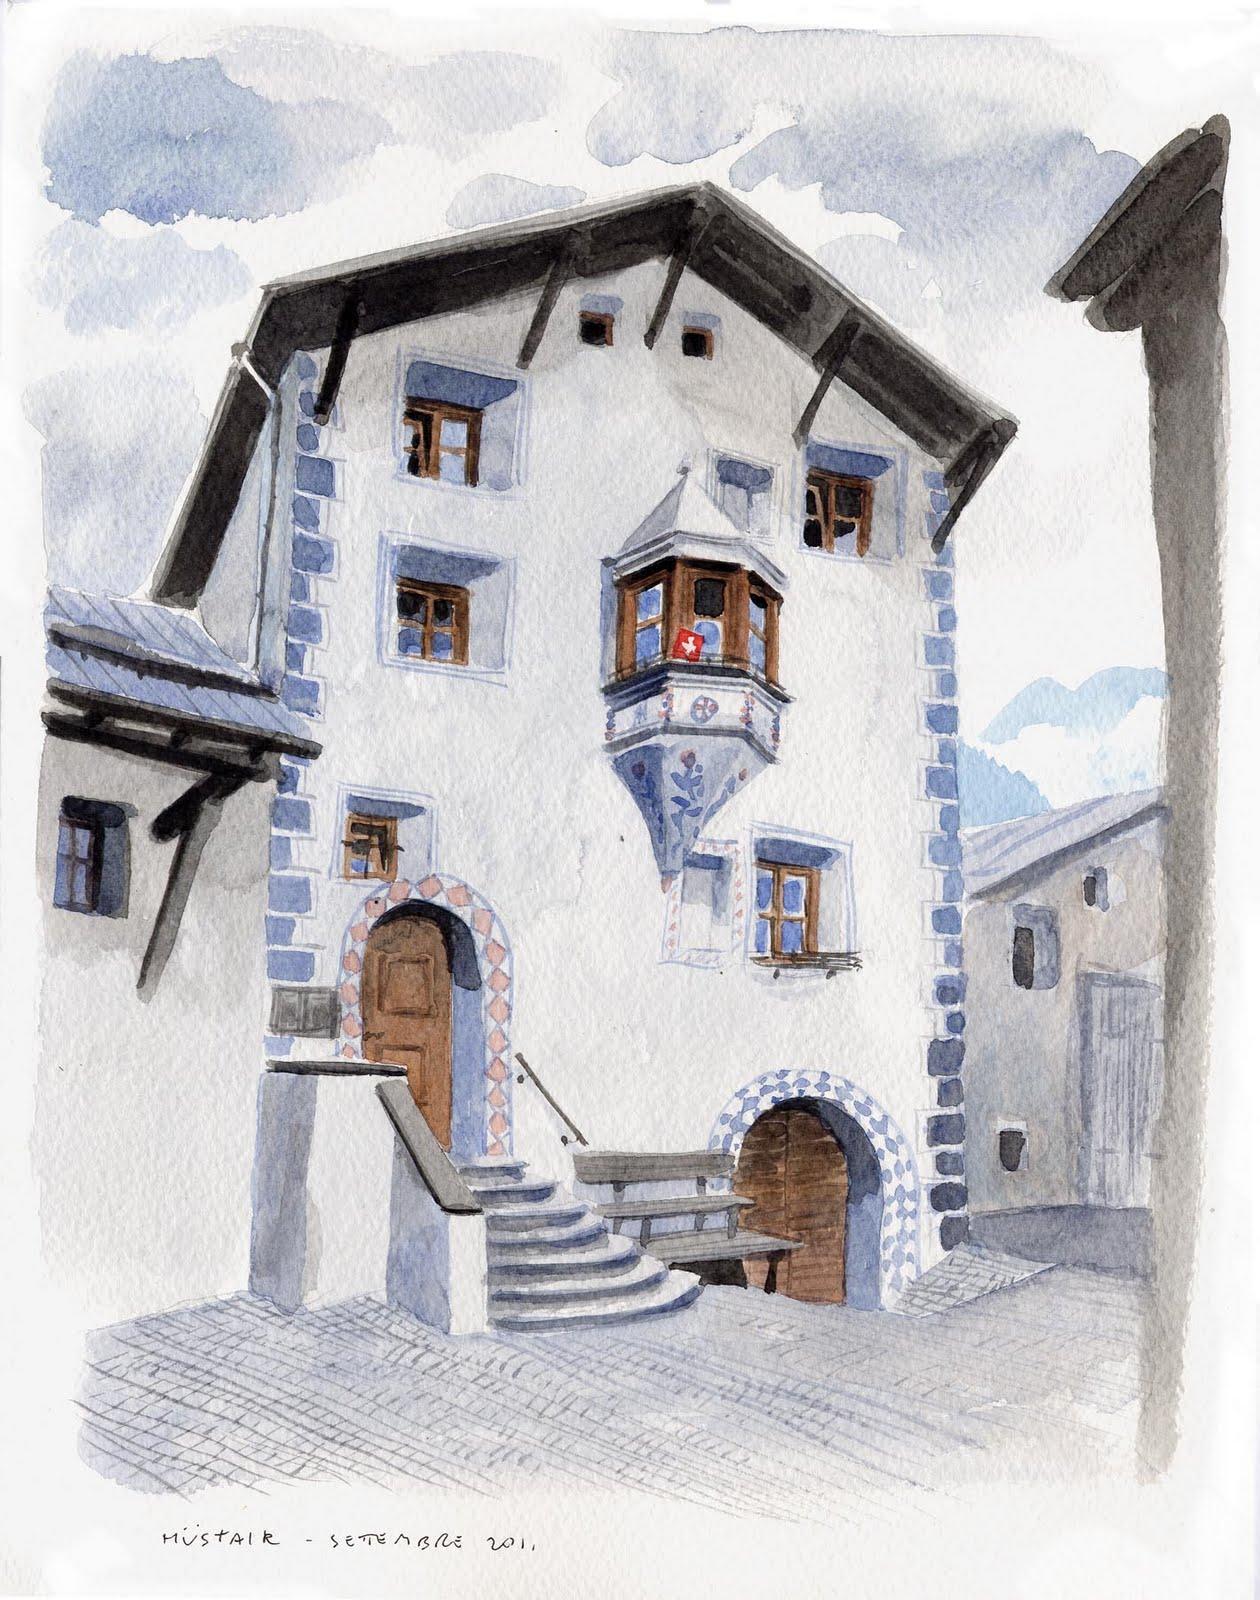 La casa senza nord casa svizzera - La casa senza nord ...